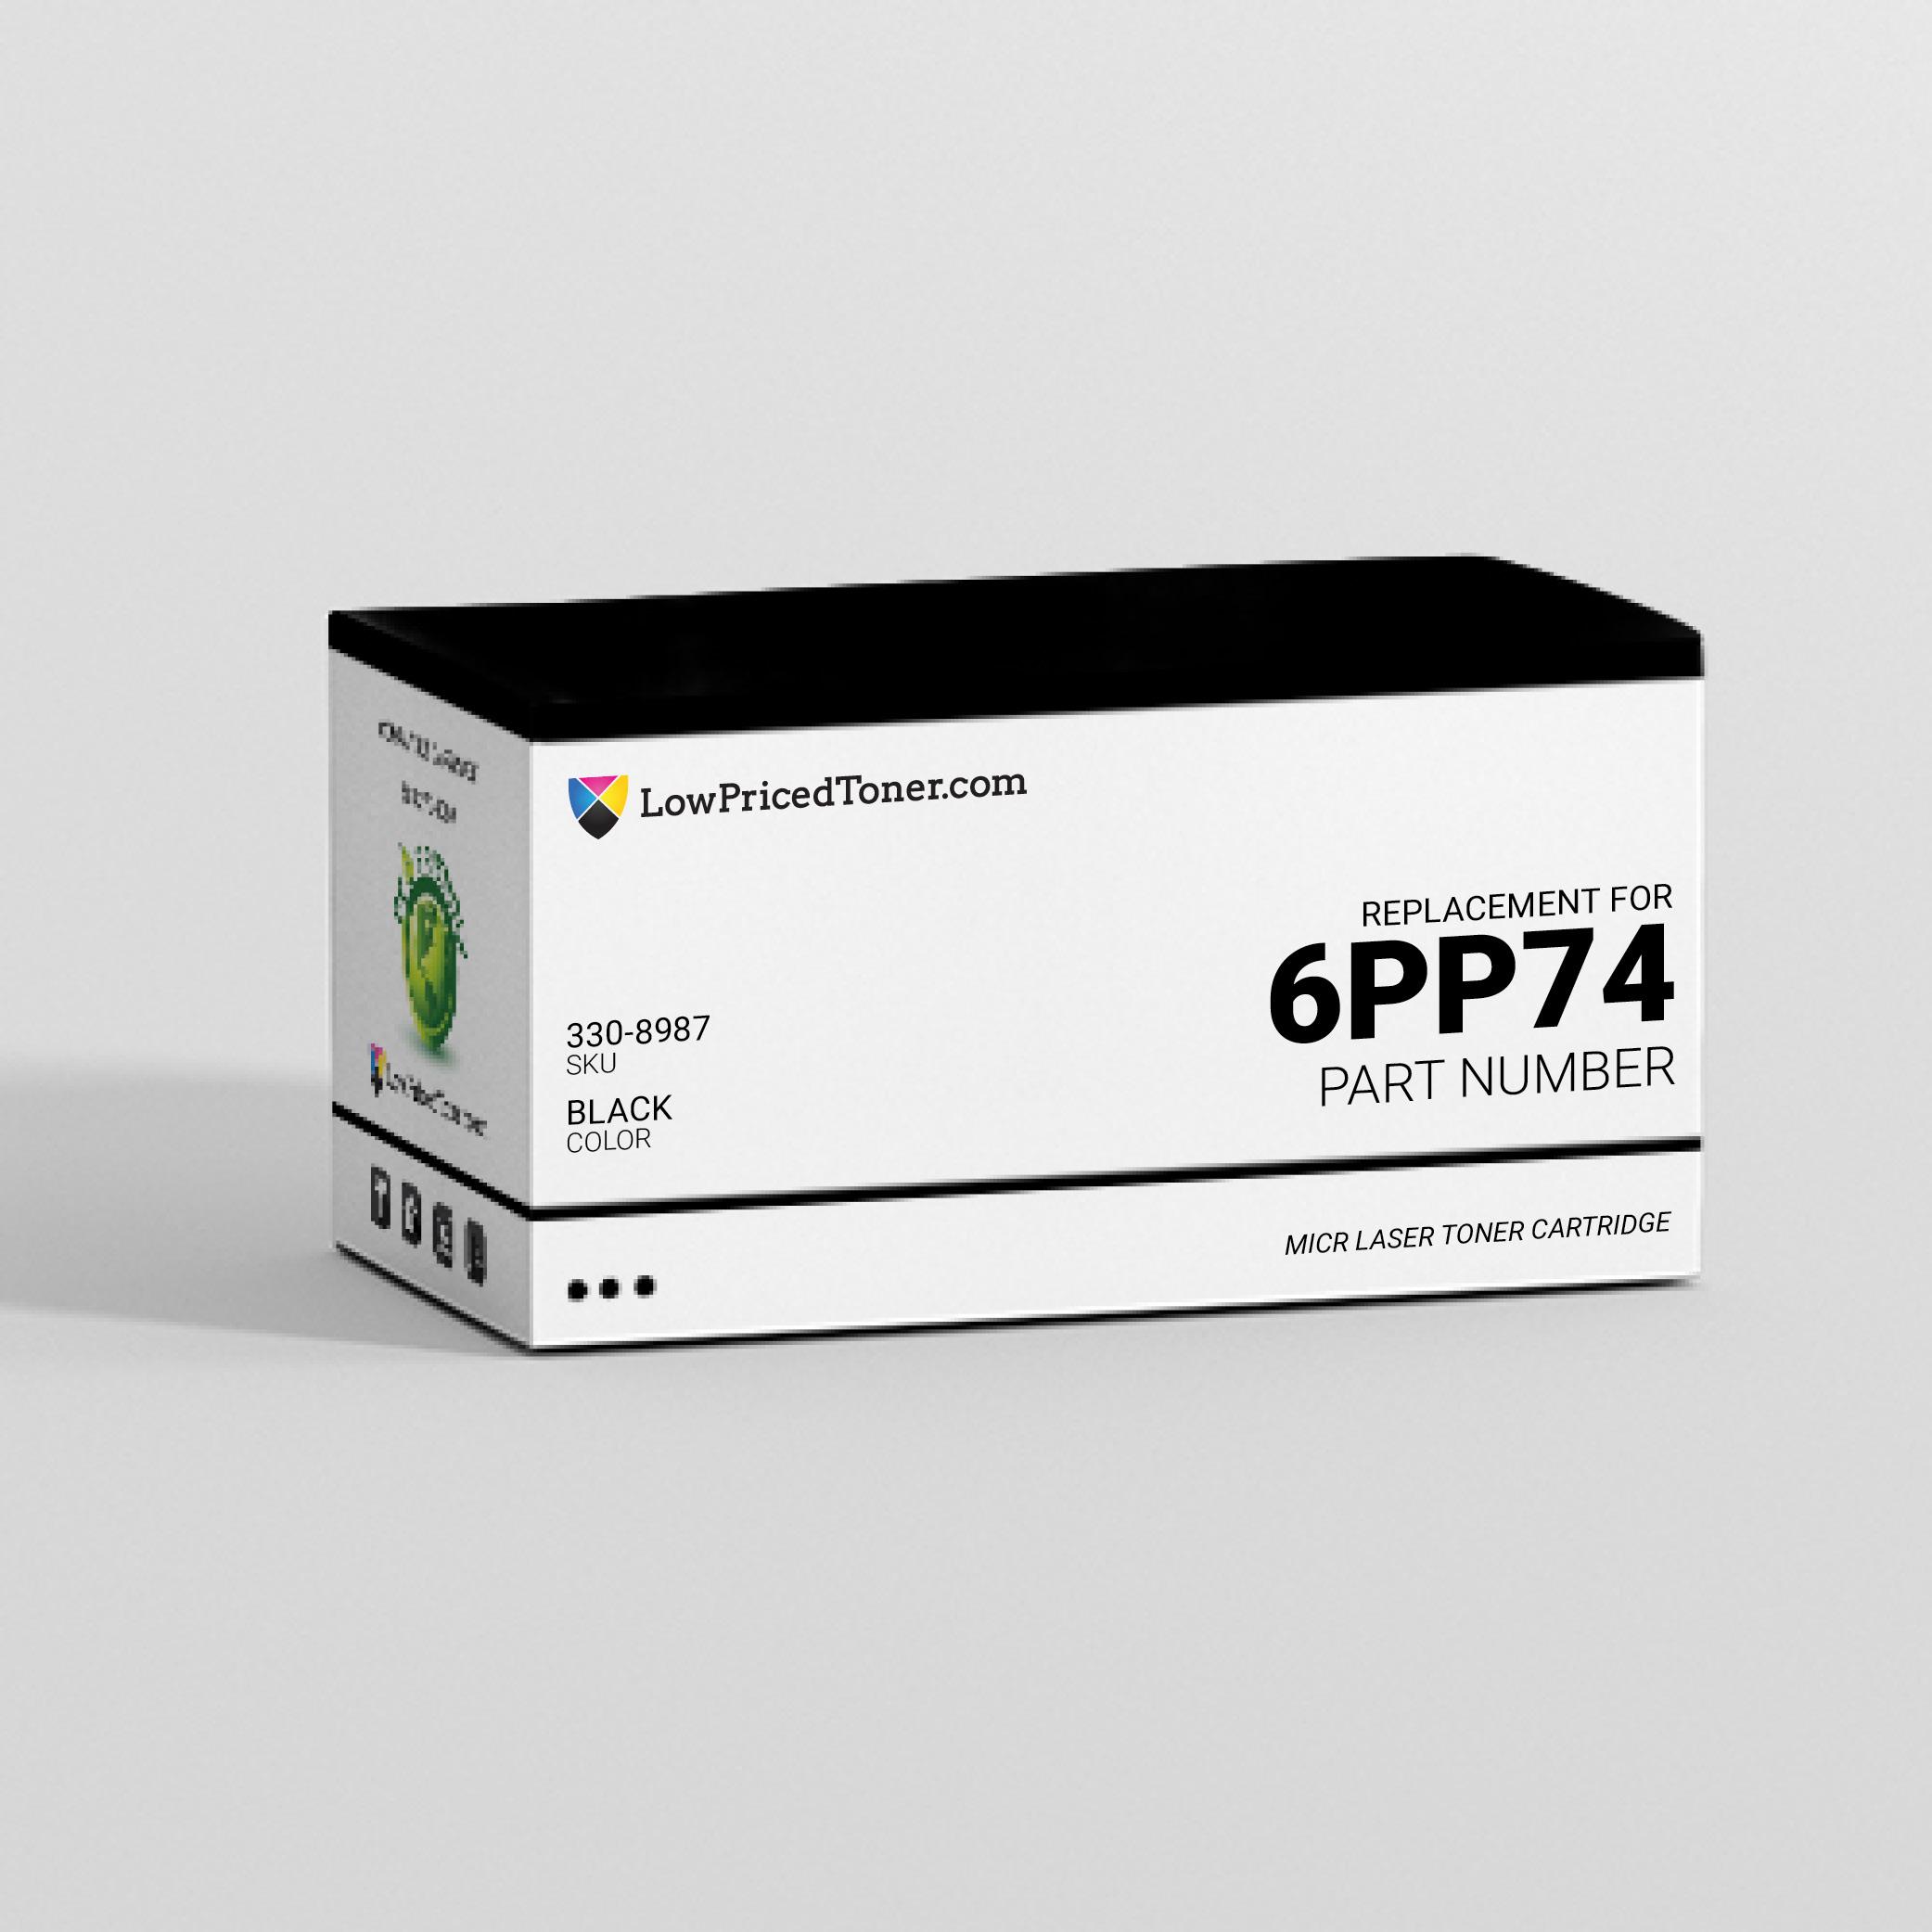 Dell 330-8987 6PP74 Remanufactured Black MICR Laser Toner Cartridge